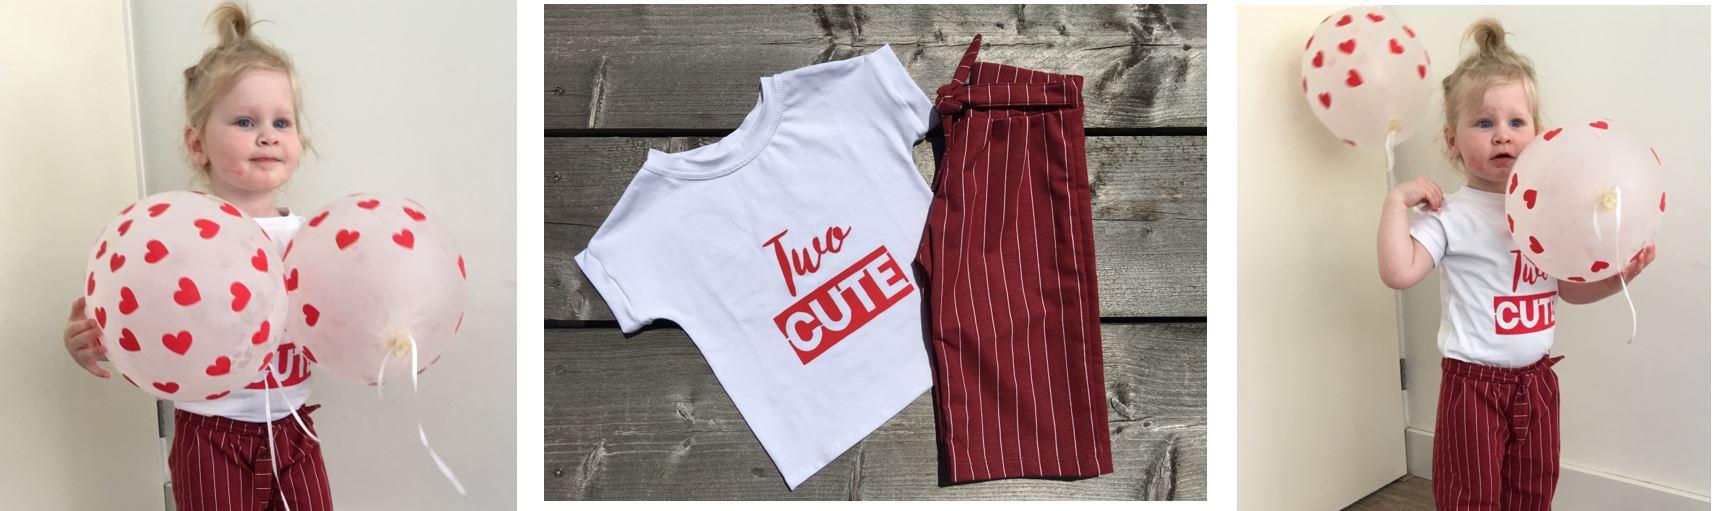 Outfit voor tweede verjaardag zelf naaien; van keuze stof, patroon tot zeefdrukken 🎉